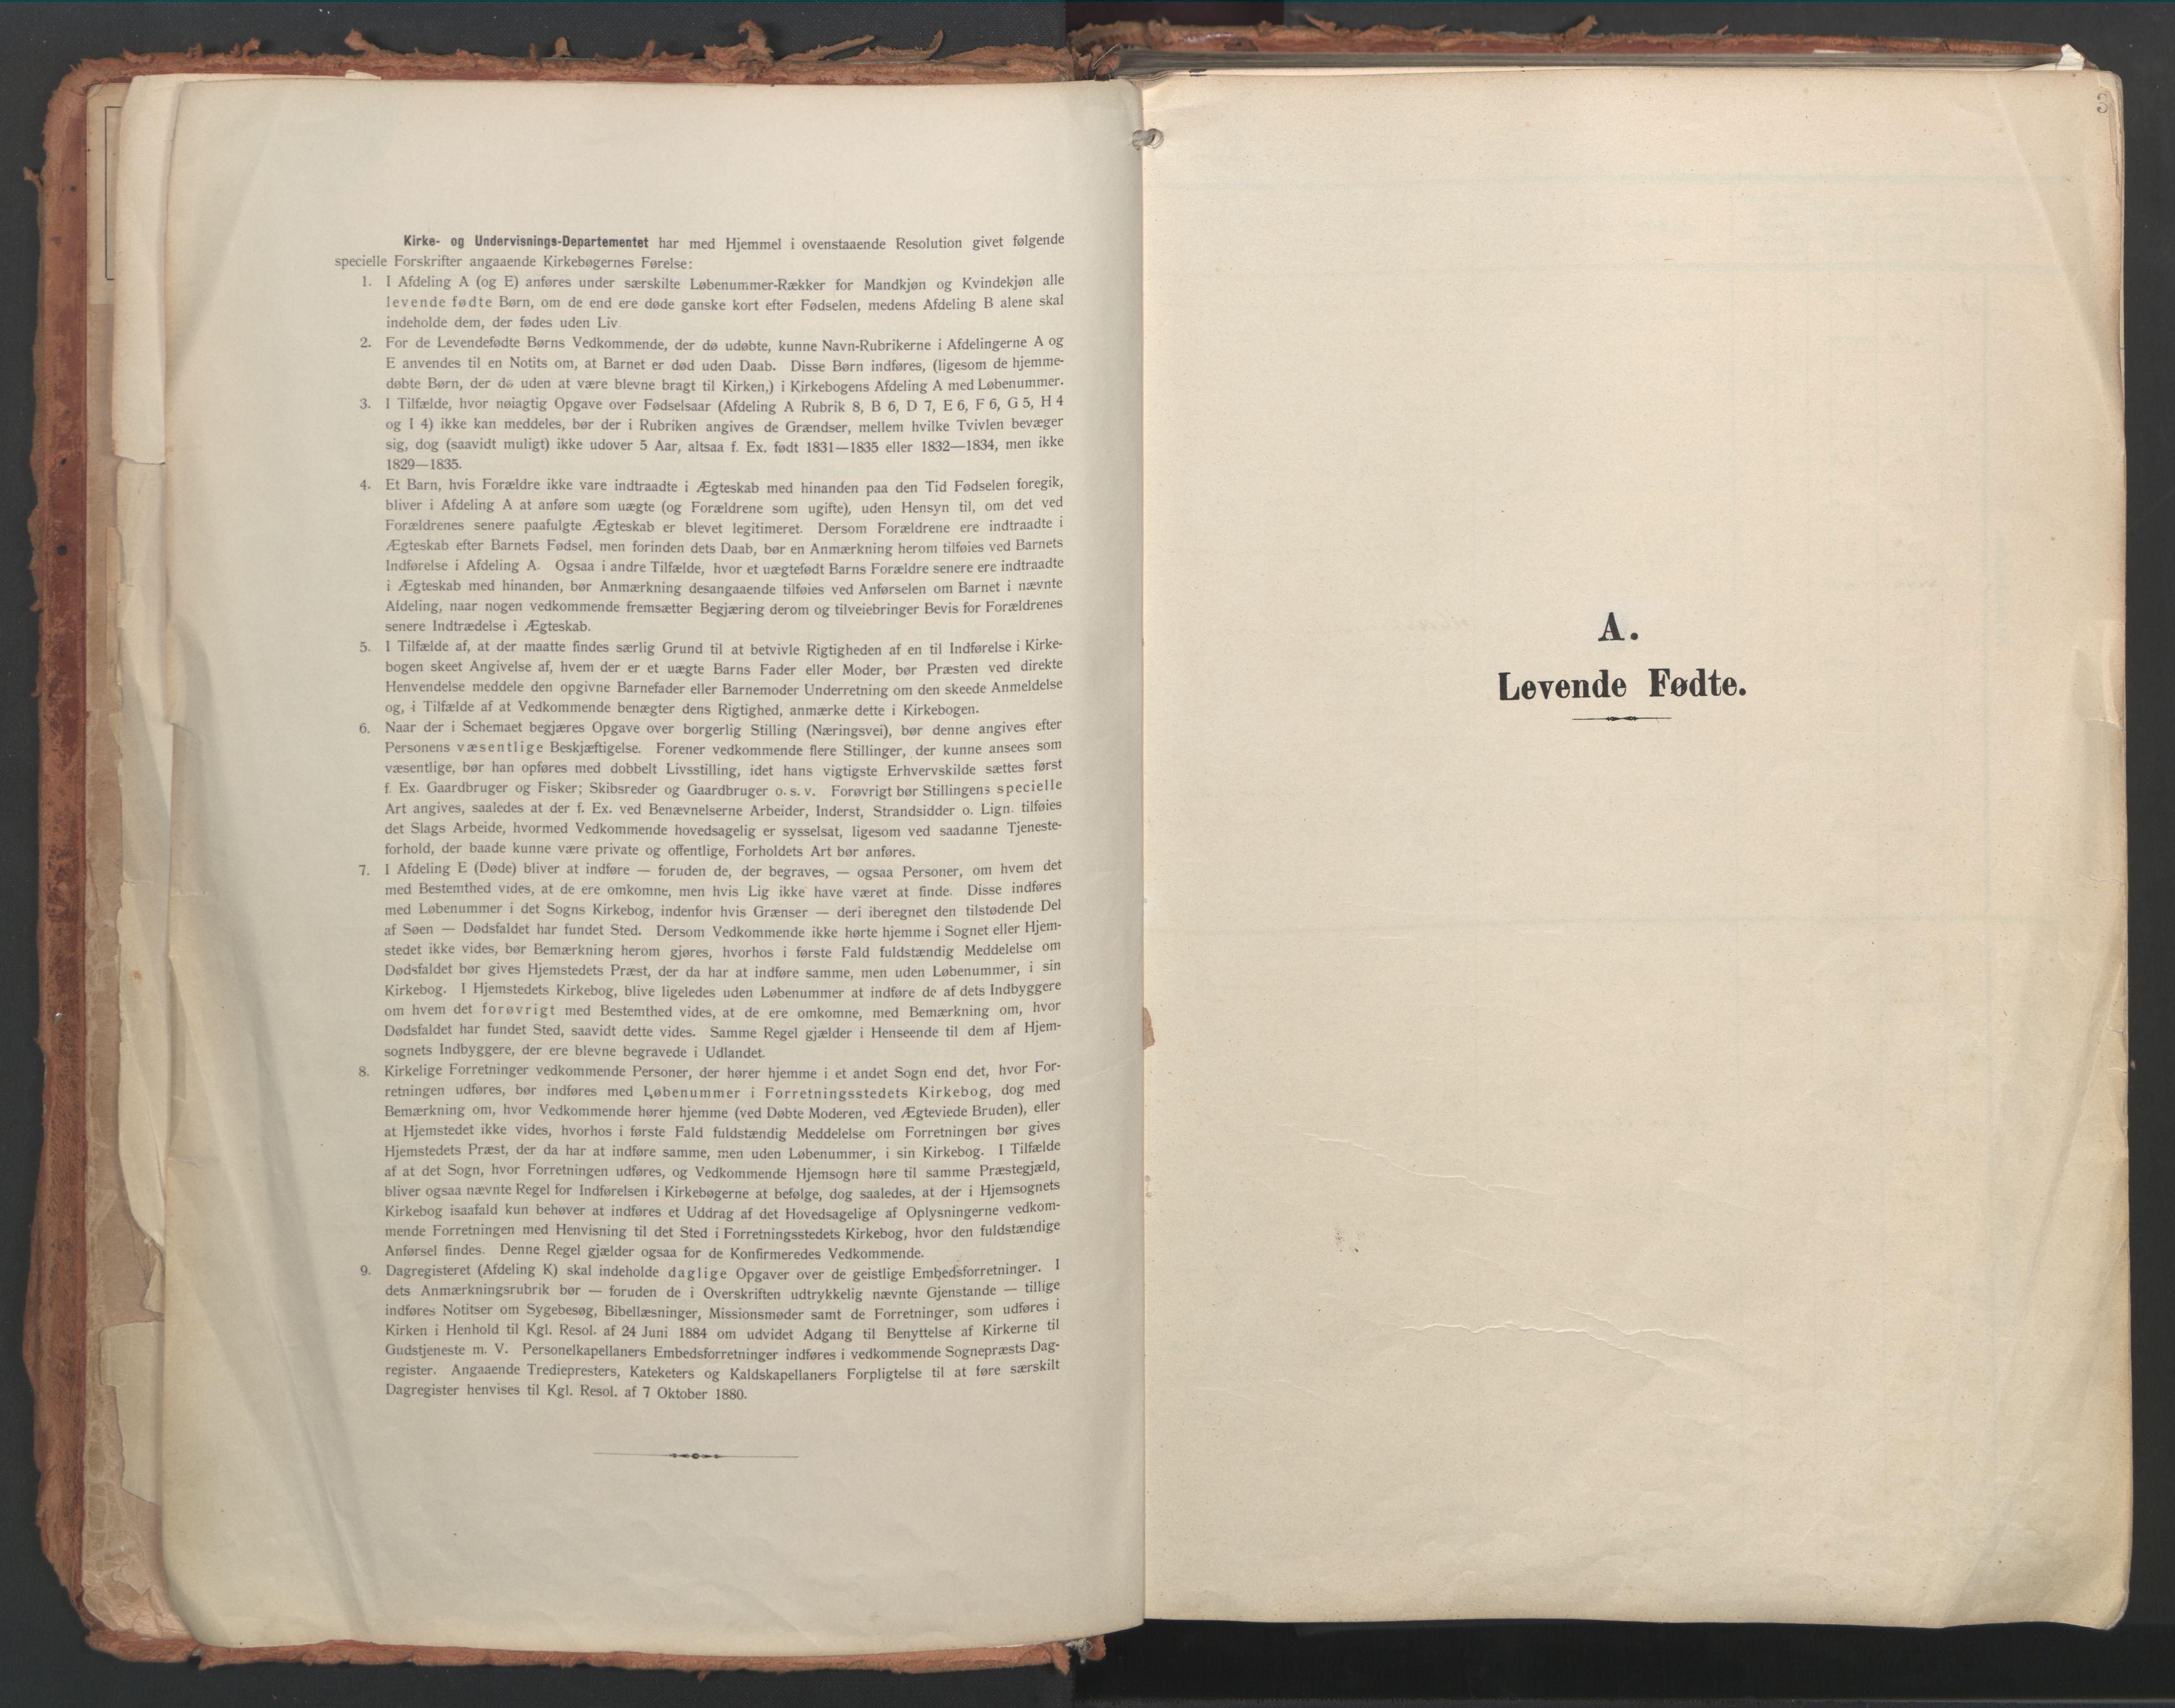 SAT, Ministerialprotokoller, klokkerbøker og fødselsregistre - Møre og Romsdal, 529/L0460: Ministerialbok nr. 529A10, 1906-1917, s. 3